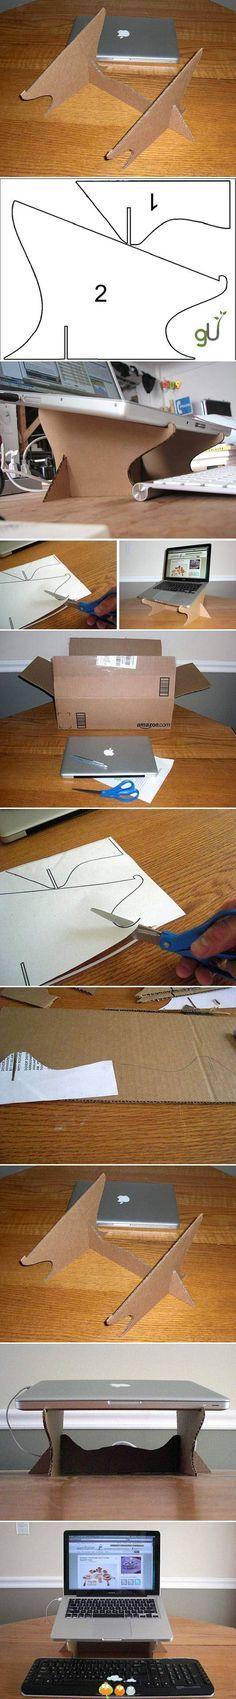 Suporte para Notebook de papelão, três peças com molde.